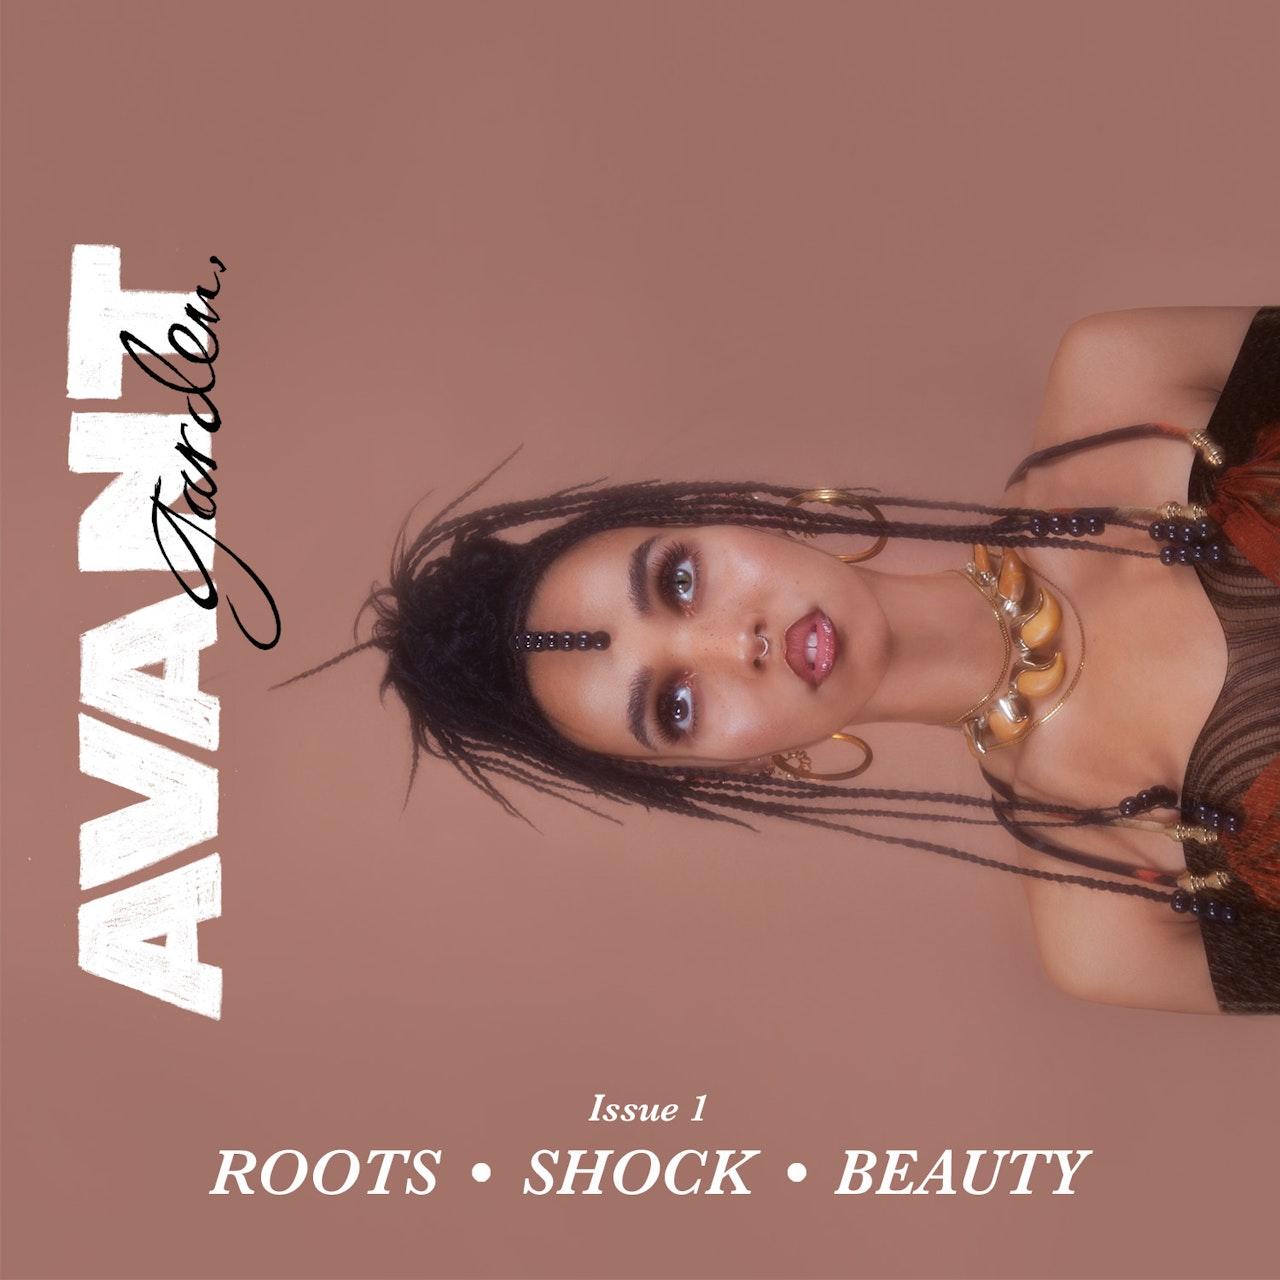 FKA twigs AVANTgarden issue 1